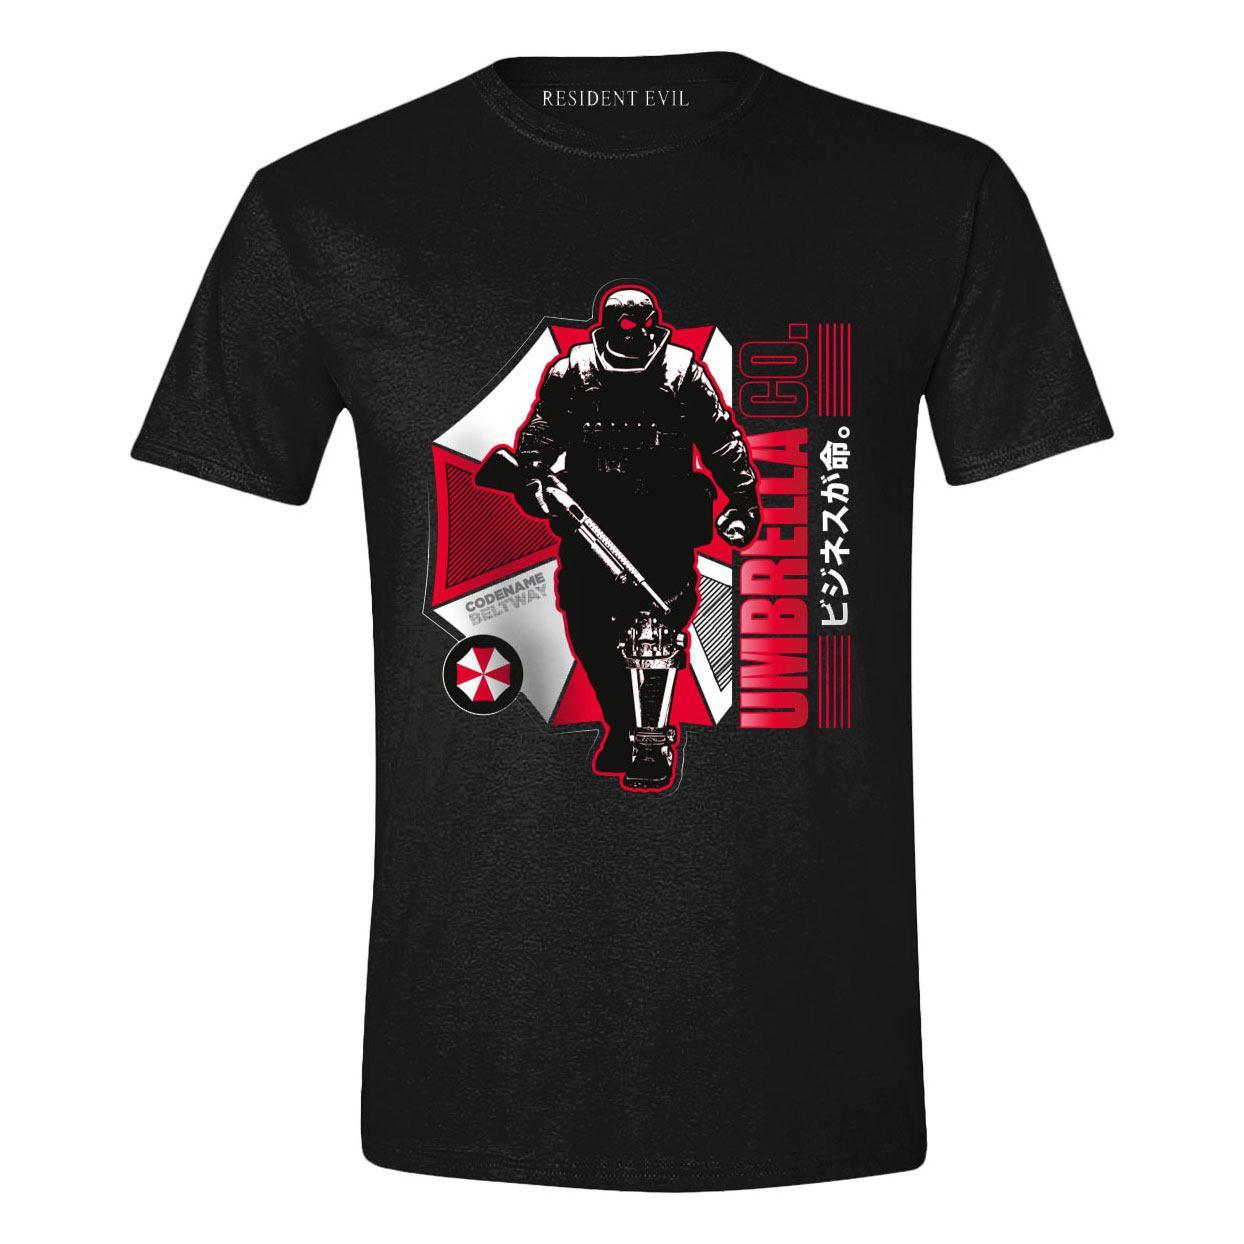 Resident Evil T-Shirt Japanese Umbrella Size S